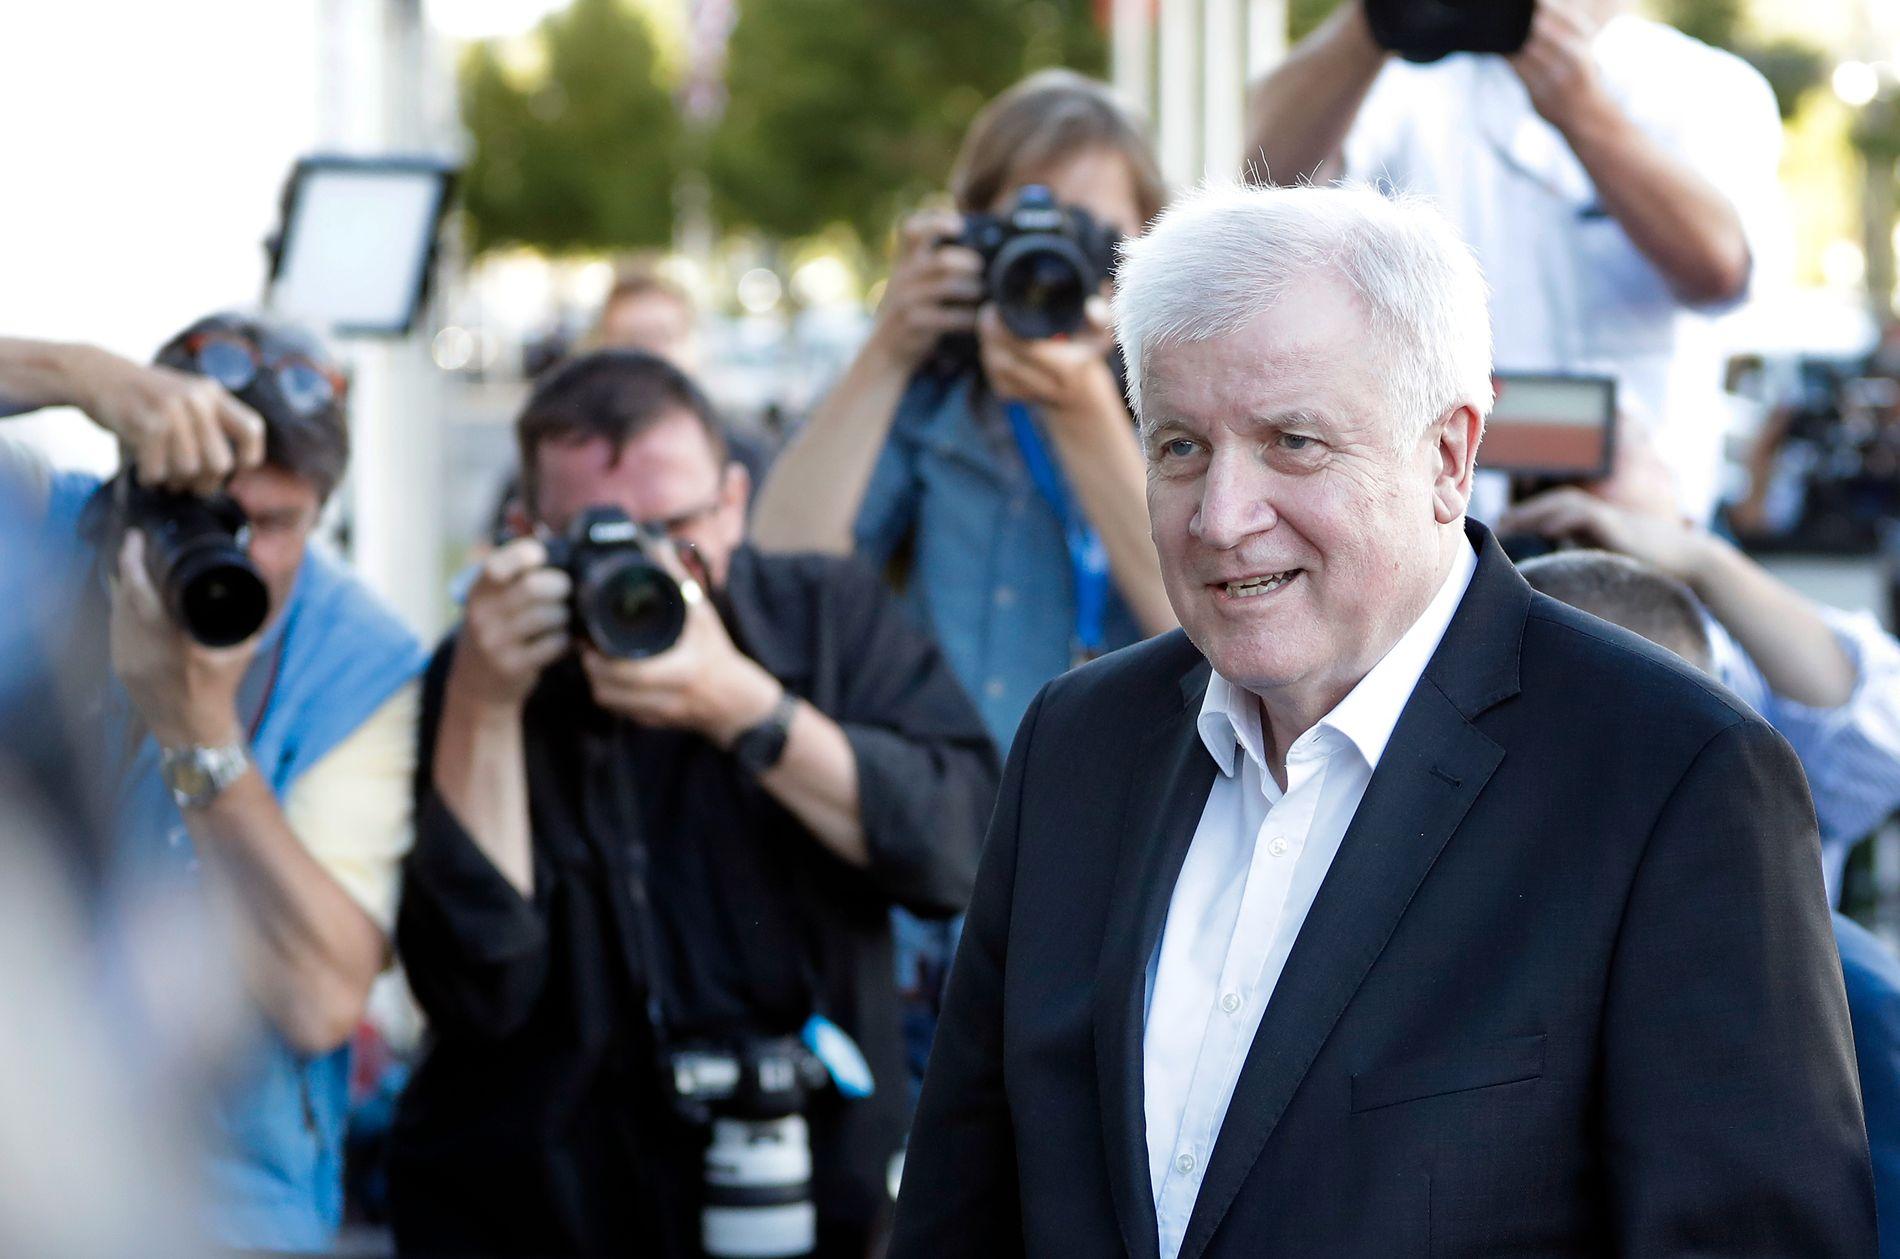 BLIR: Ifølge nyhetsbyrået DPA forblir Horst Seehofer i sin stilling som innenriksminister.